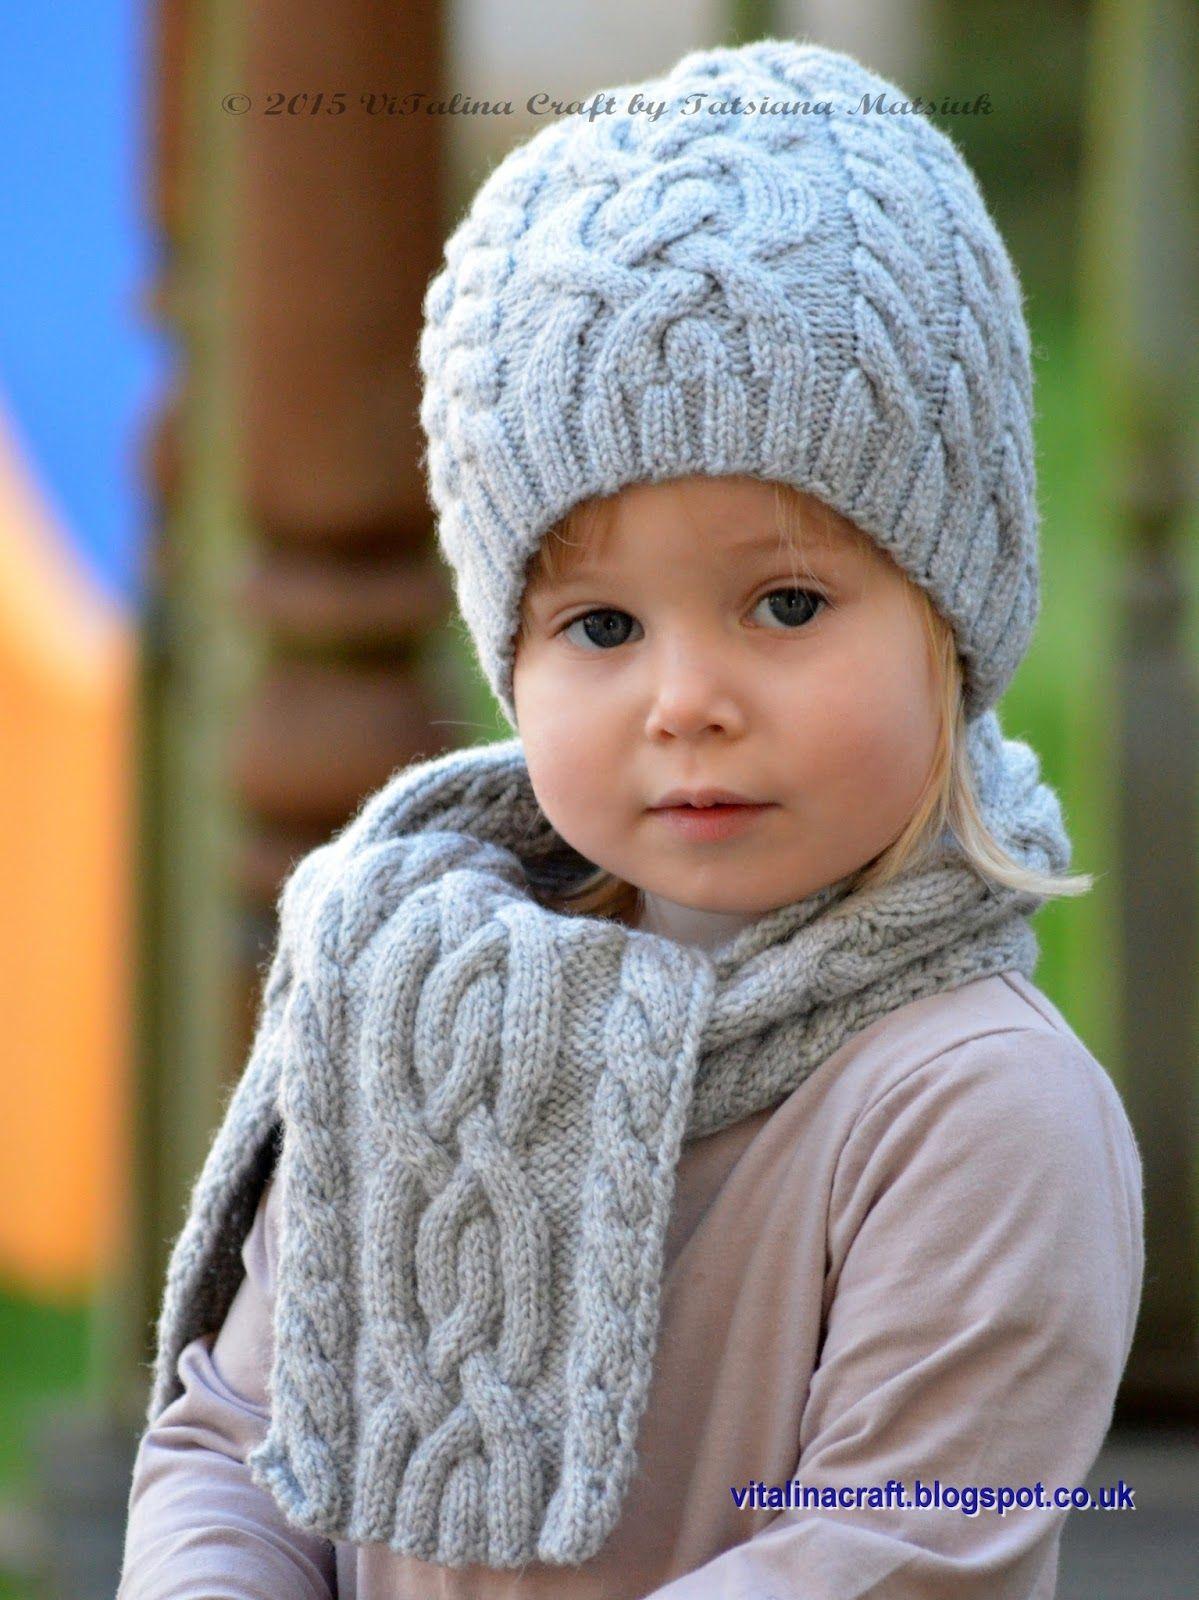 Oblku epice a la set vitalina craft hkovn a pleten name knitting cloudlet hat and scarf bankloansurffo Gallery